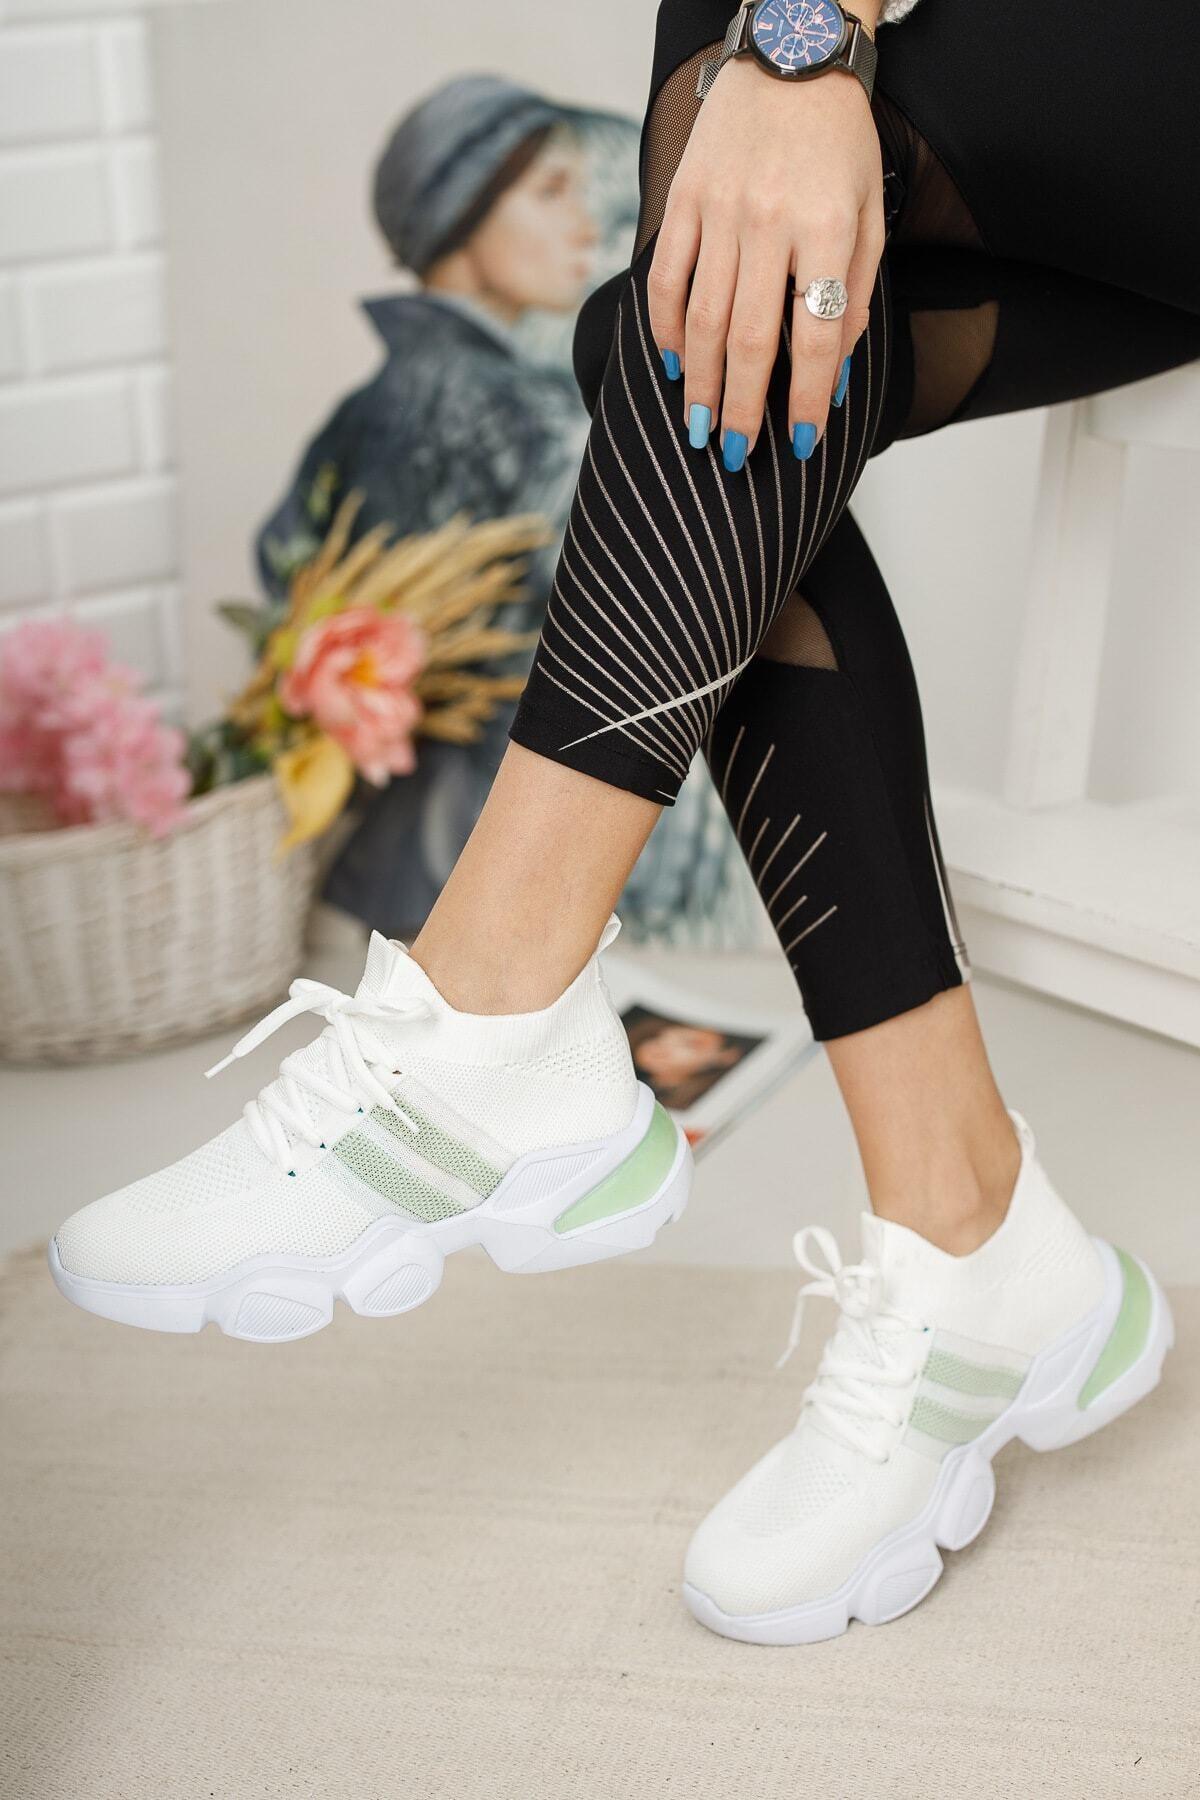 meyra'nın ayakkabıları Beyaz Triko Sneakar 2